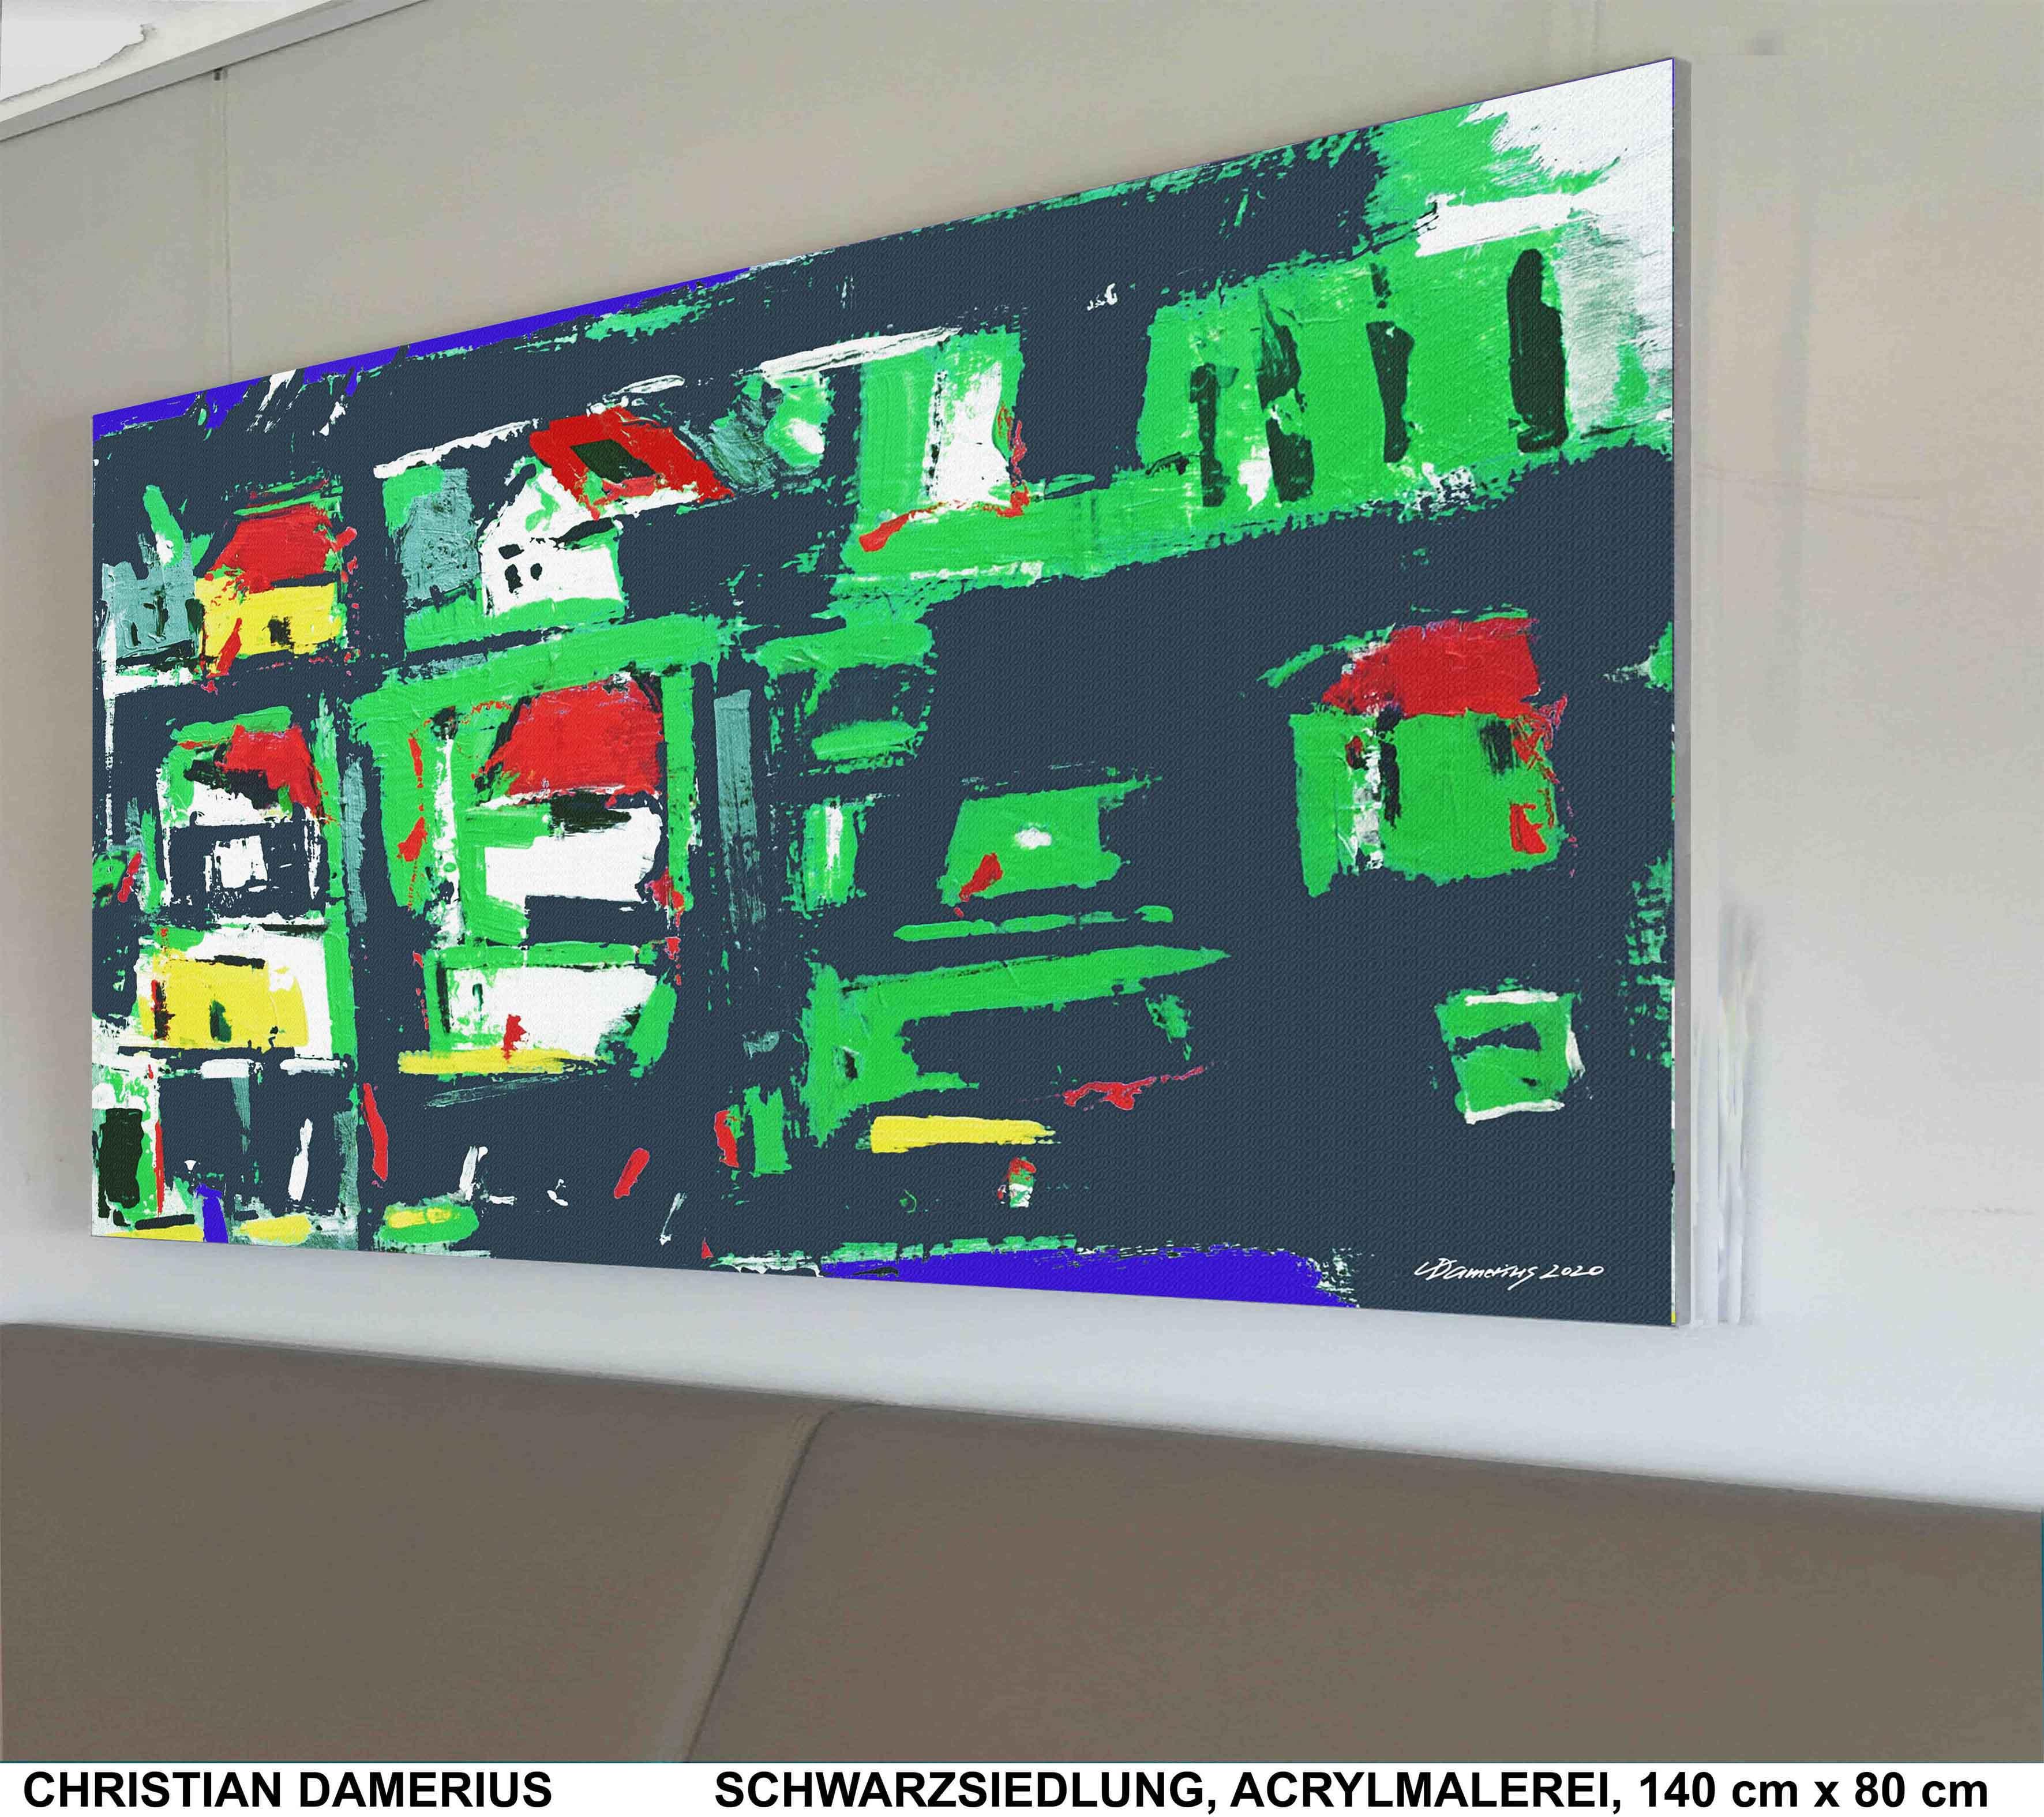 schwarz siedlung,christian damerius,wohnen,wohnhäuser,wohnsiedlung,farbe schwarz,grün,rot,blau,bilder, grafik,moderne kunstdrucke,gemälde,originalmalerei,deutsche malerei,moderne deutsche maler,malerinnen,bilderwand,wände verschönern,landschaftsmalerei,